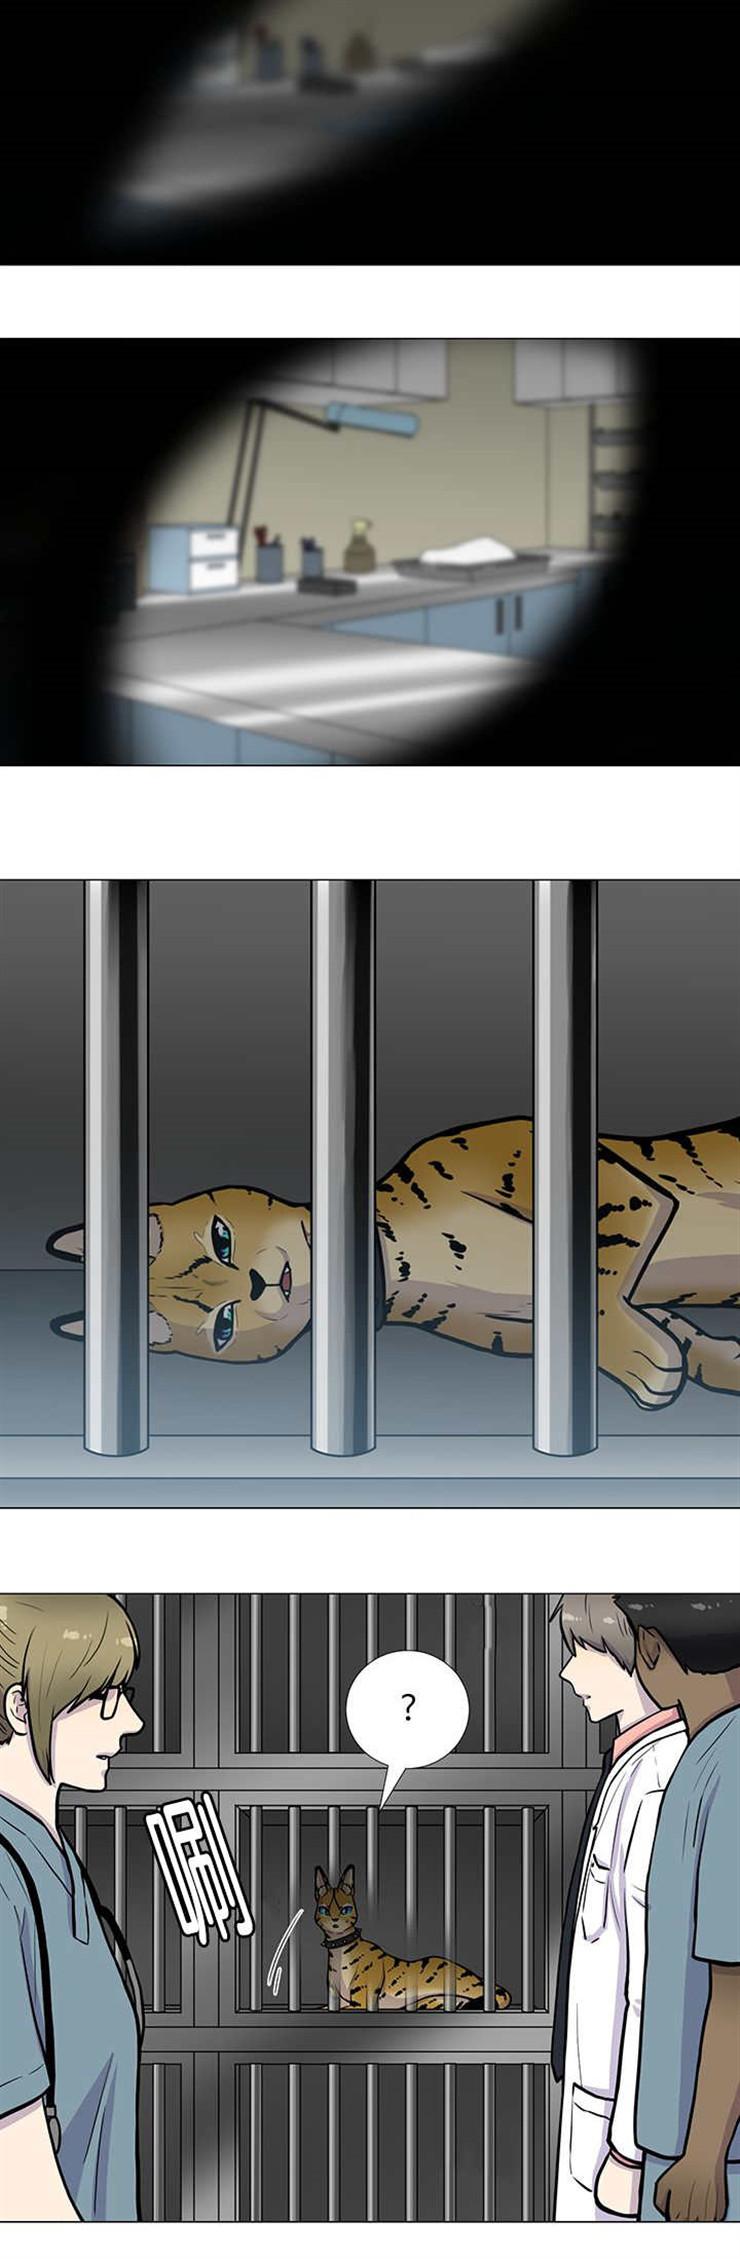 旷野之息-漫画下拉式完整版资源_独家汉化首发-啵乐漫画